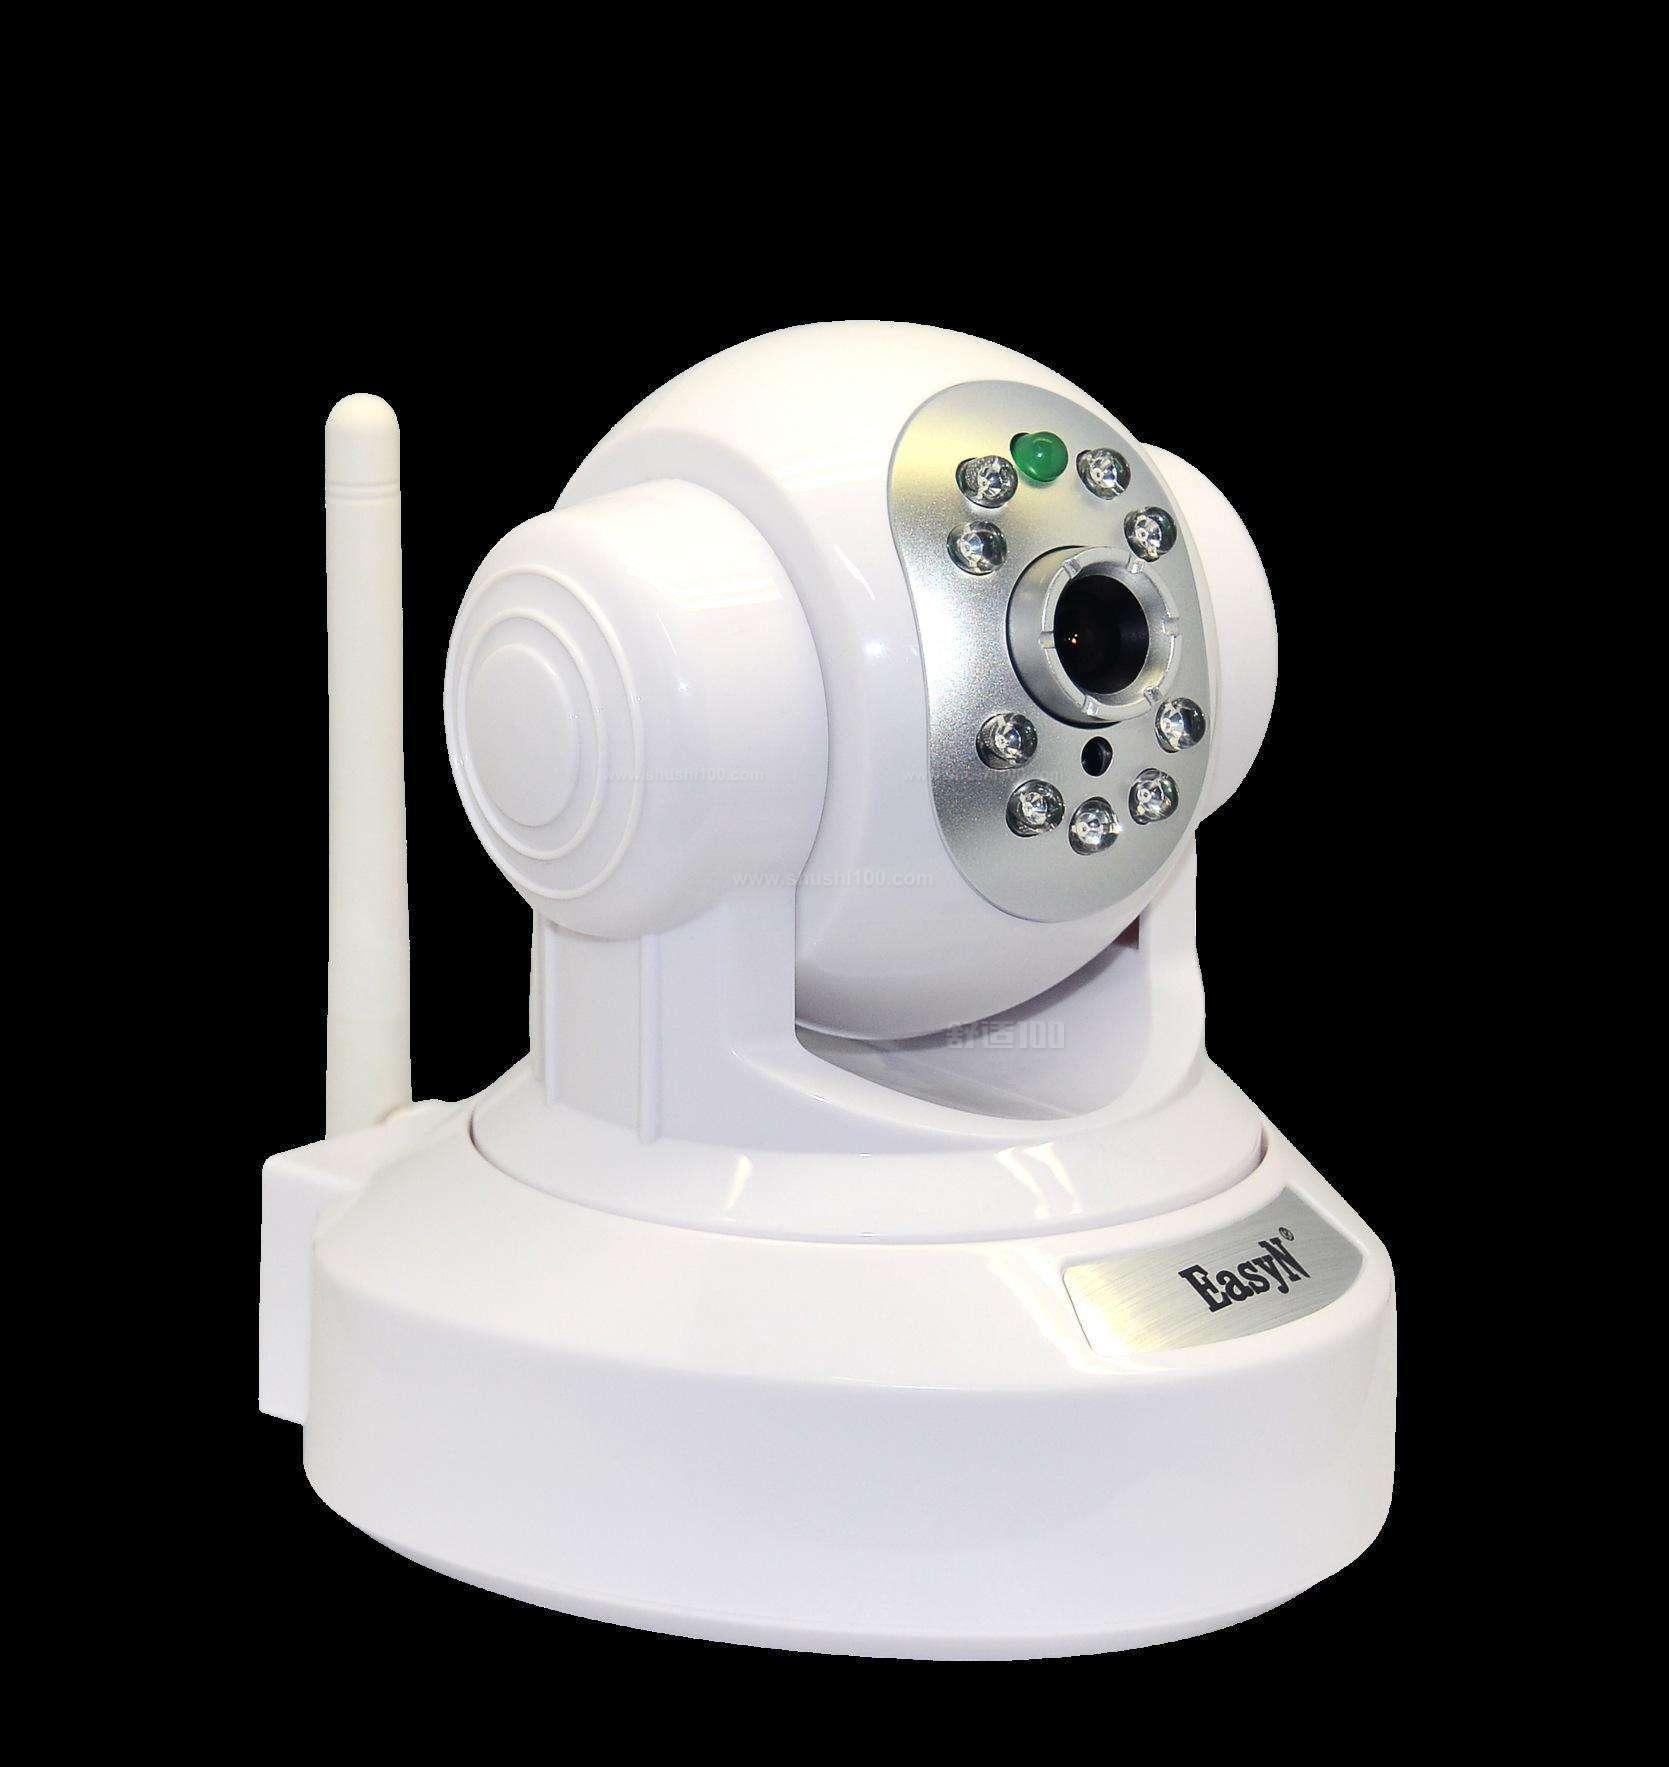 2015年5月,360智能摄像机加快更新频率,再添人脸识别+分时防盗亮相重要功能。新增的人脸识别功能可对用户的面部进行自动记忆并识别,当老人、孩子出现摄像头面前,在获取人脸图像信息后将自动抓拍。这一点无疑具有很好的瞬间捕捉功能,如果家人出现即可记录下来,随时掌握家人的动态。 分时防盗功能则可根据全天、白天、晚间设置三个不同的时段,对家庭进行重点时段的防护。当遇到突发情况时,小水滴将开启自动报警,主人通过360智能摄像机APP即可收到短信提醒。如此一来,当用户出差或旅游在外时,亦可在千里之外随时